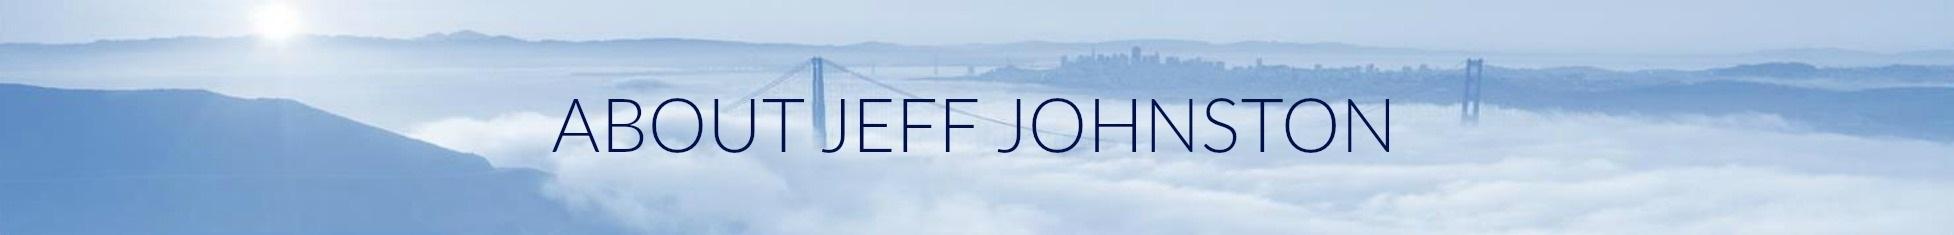 Jeff Johnston Bio